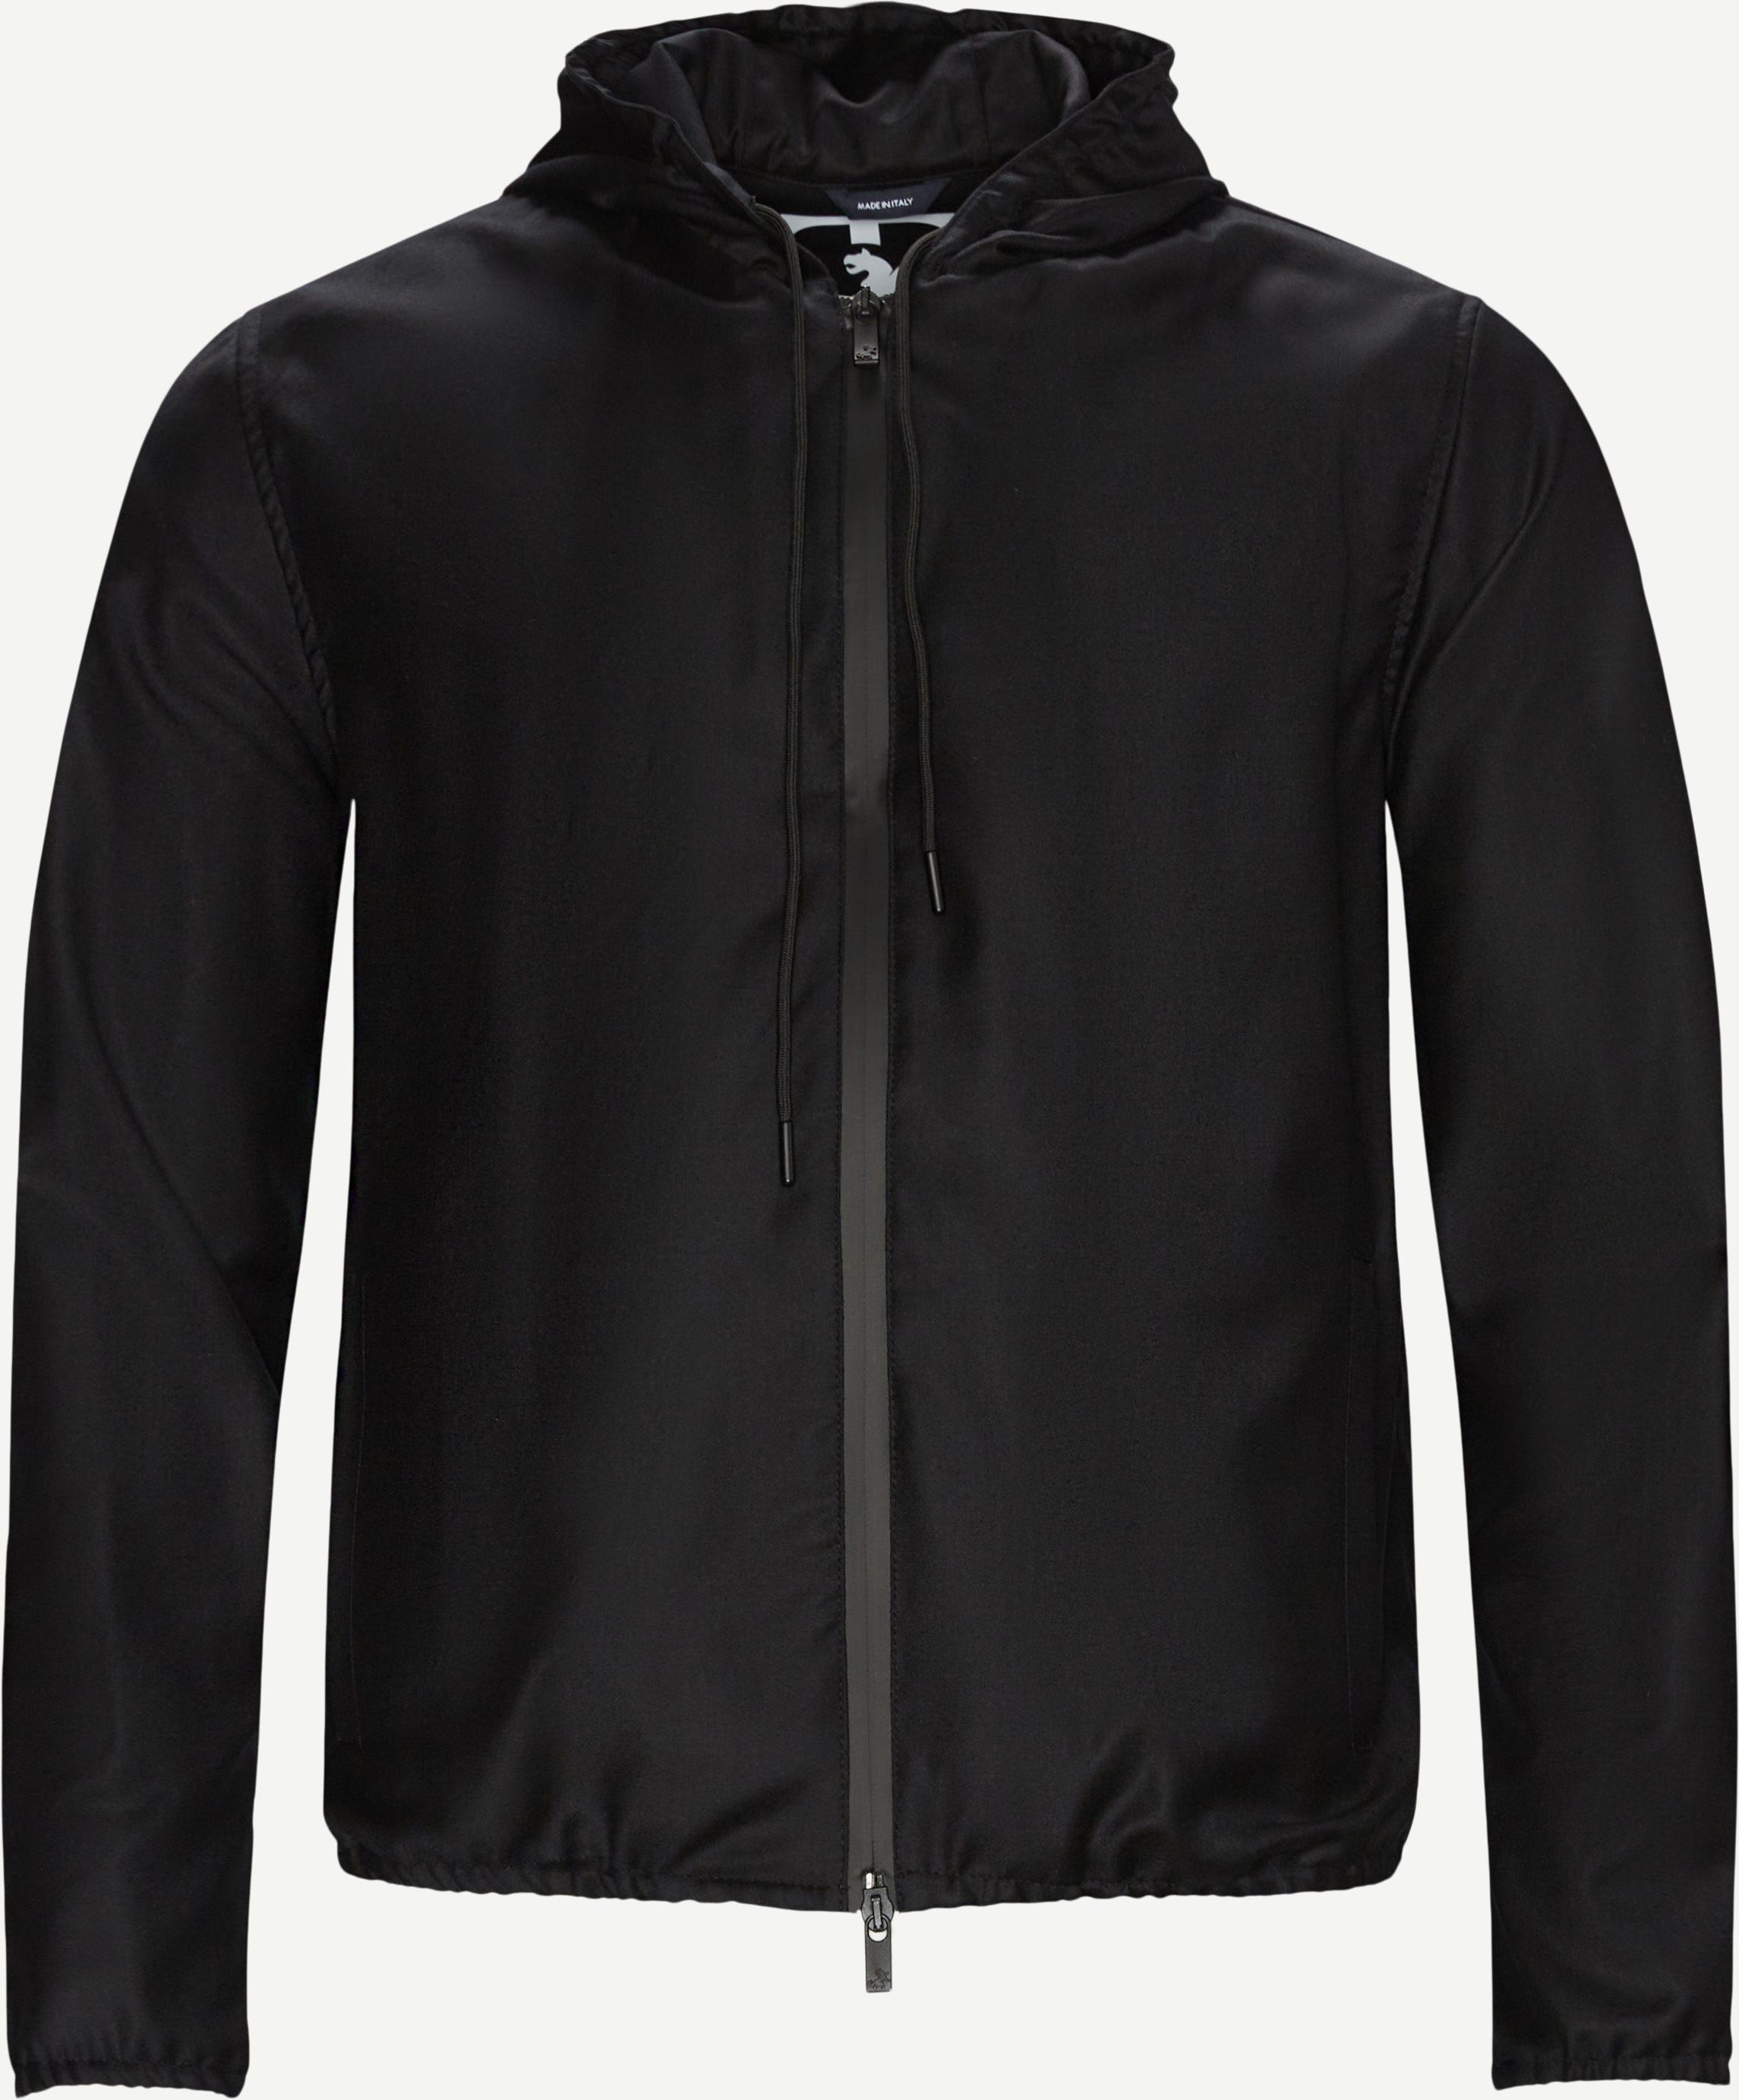 K-Way Zero Gravity Hooded Sweatshirt - Sweatshirts - Regular fit - Sort